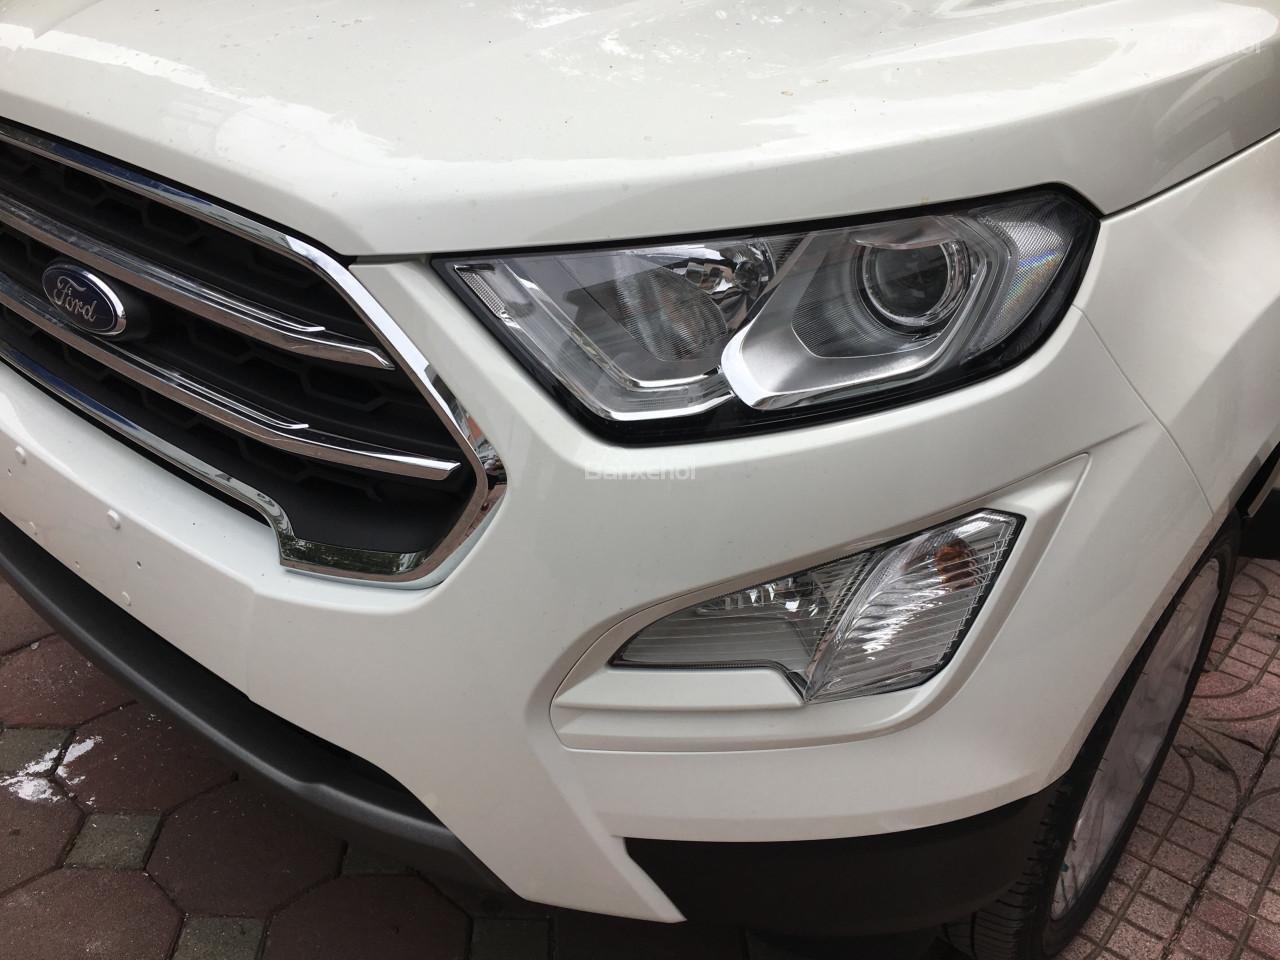 Bán xe Ford Ecosport 1.5L AT đời 2018, màu trắng - Đủ màu giao ngay. Liên hệ 0901858386-4